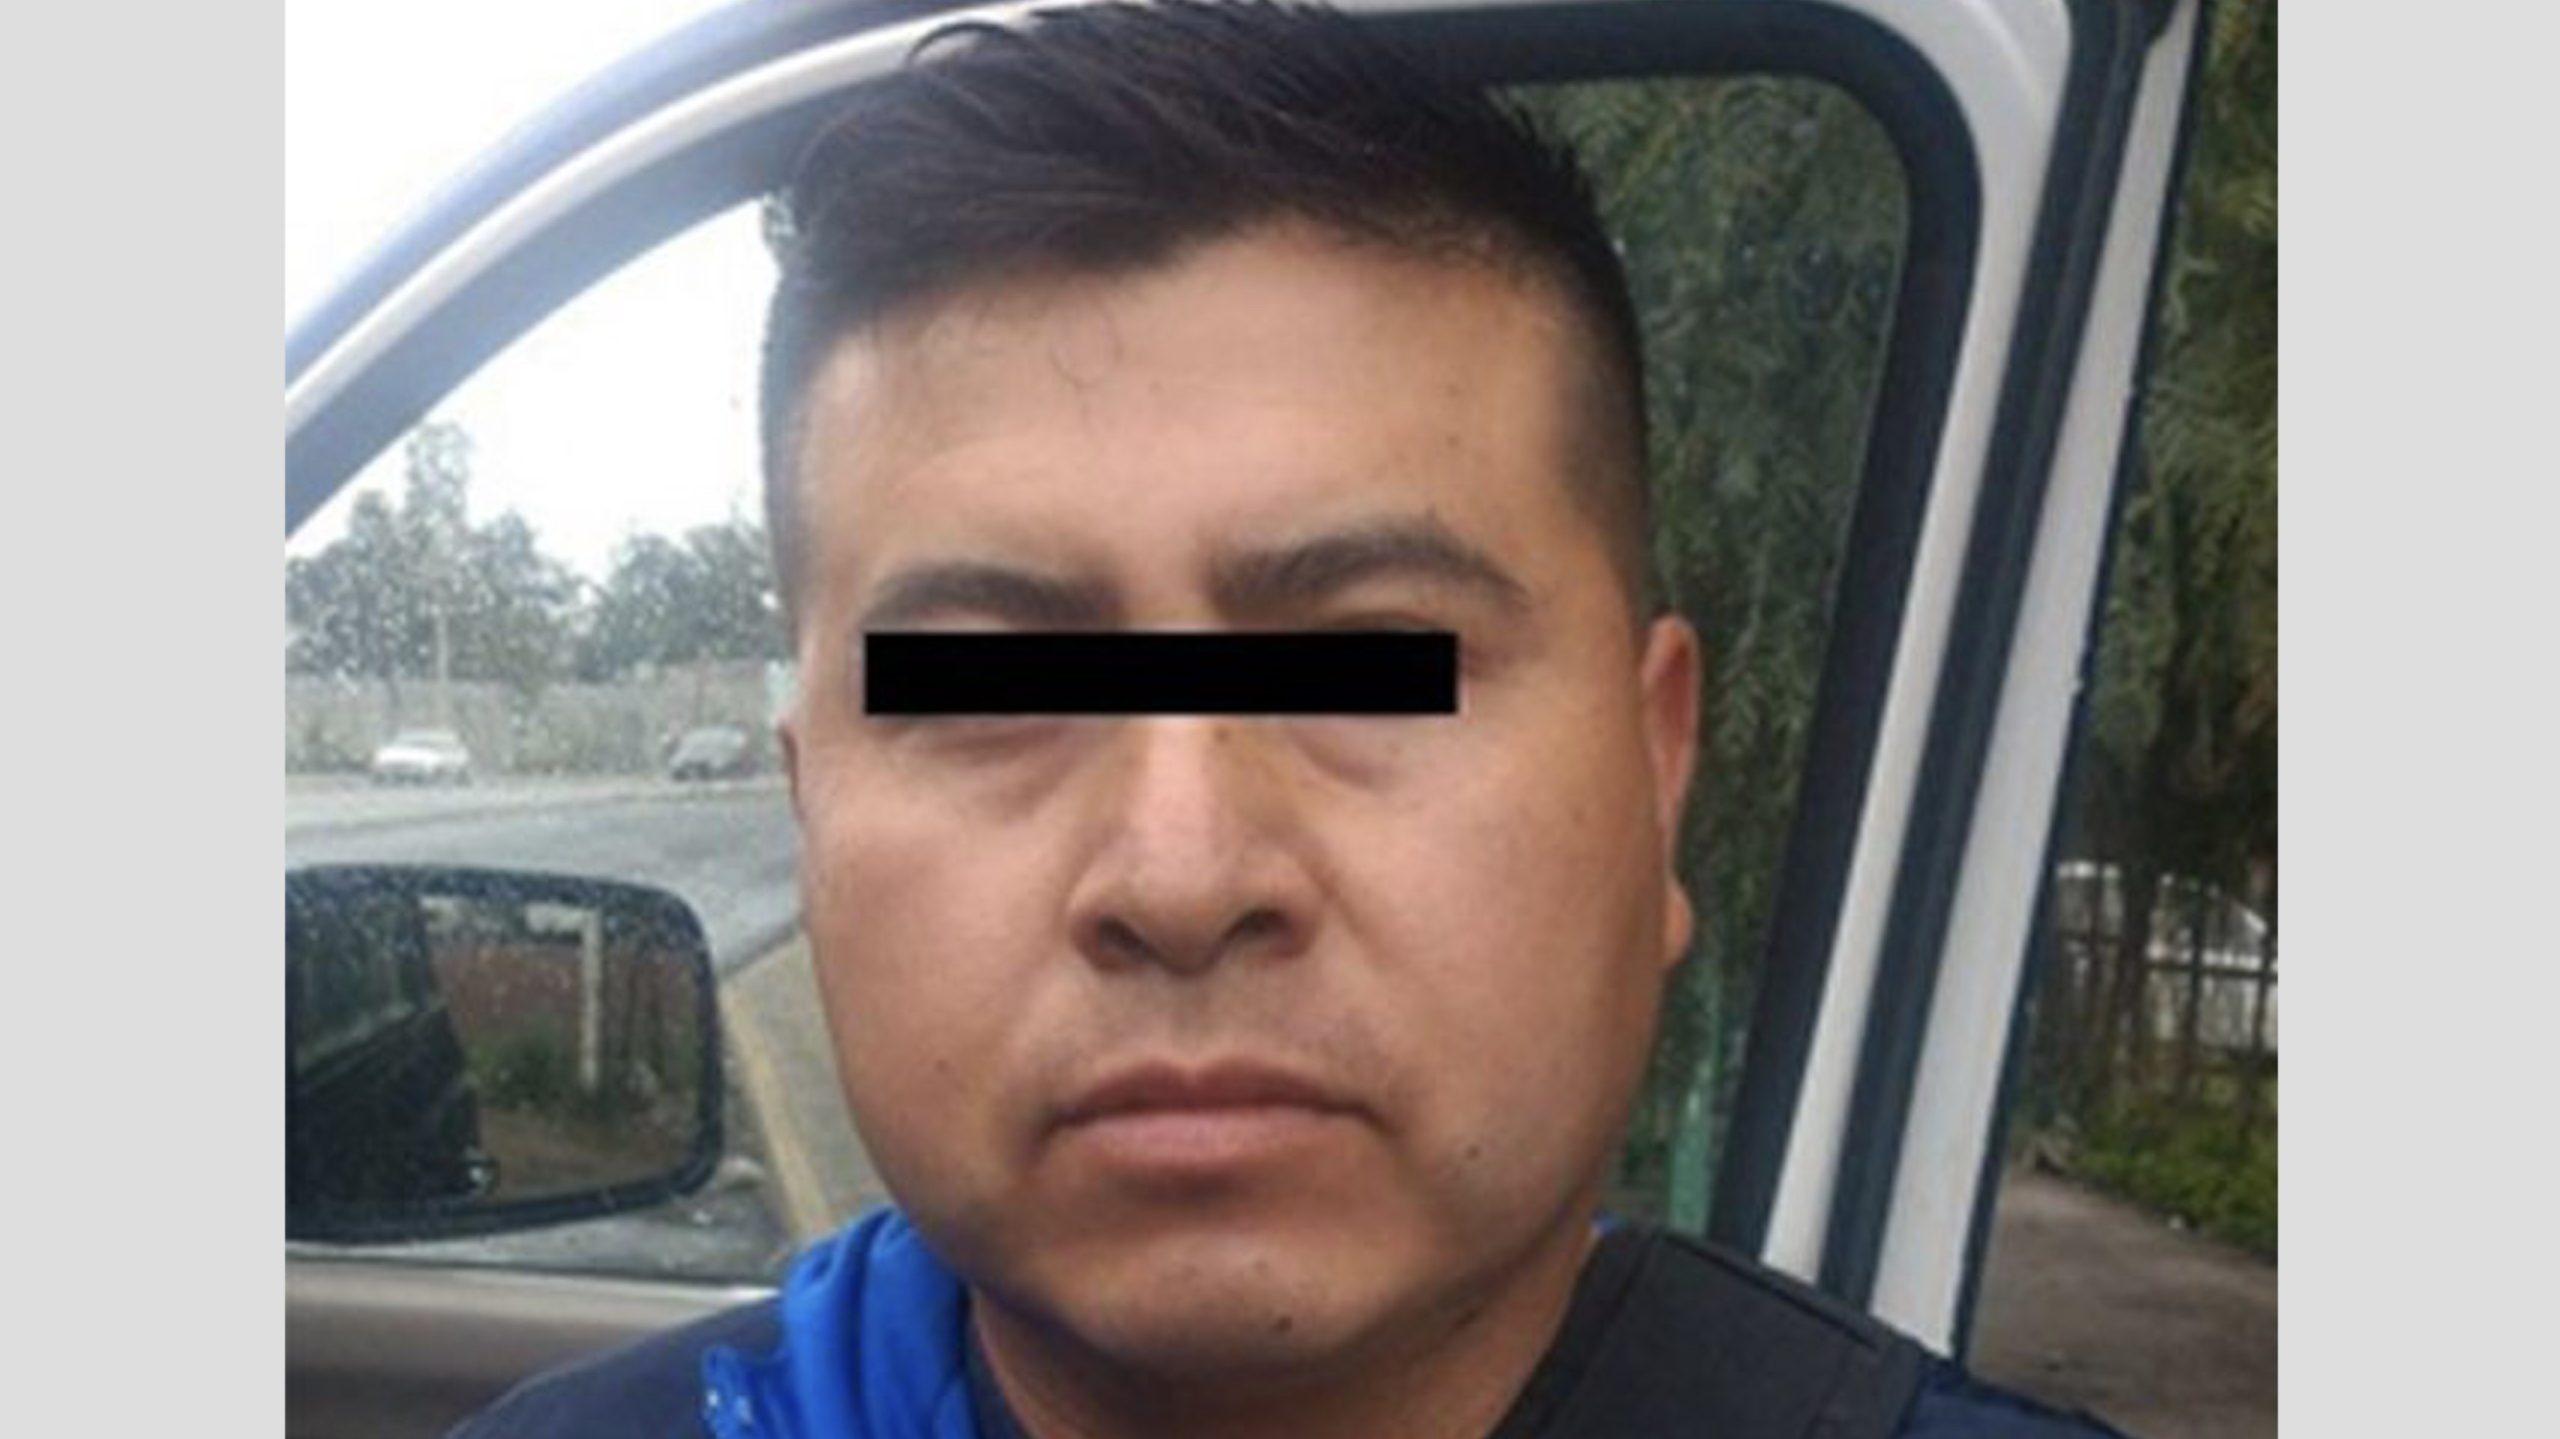 ARCO CARRETERO DE LA SECRETARÍA DE SEGURIDAD PERMITE RECUPERAR UN VEHÍCULO CON REPORTE DE ROBO